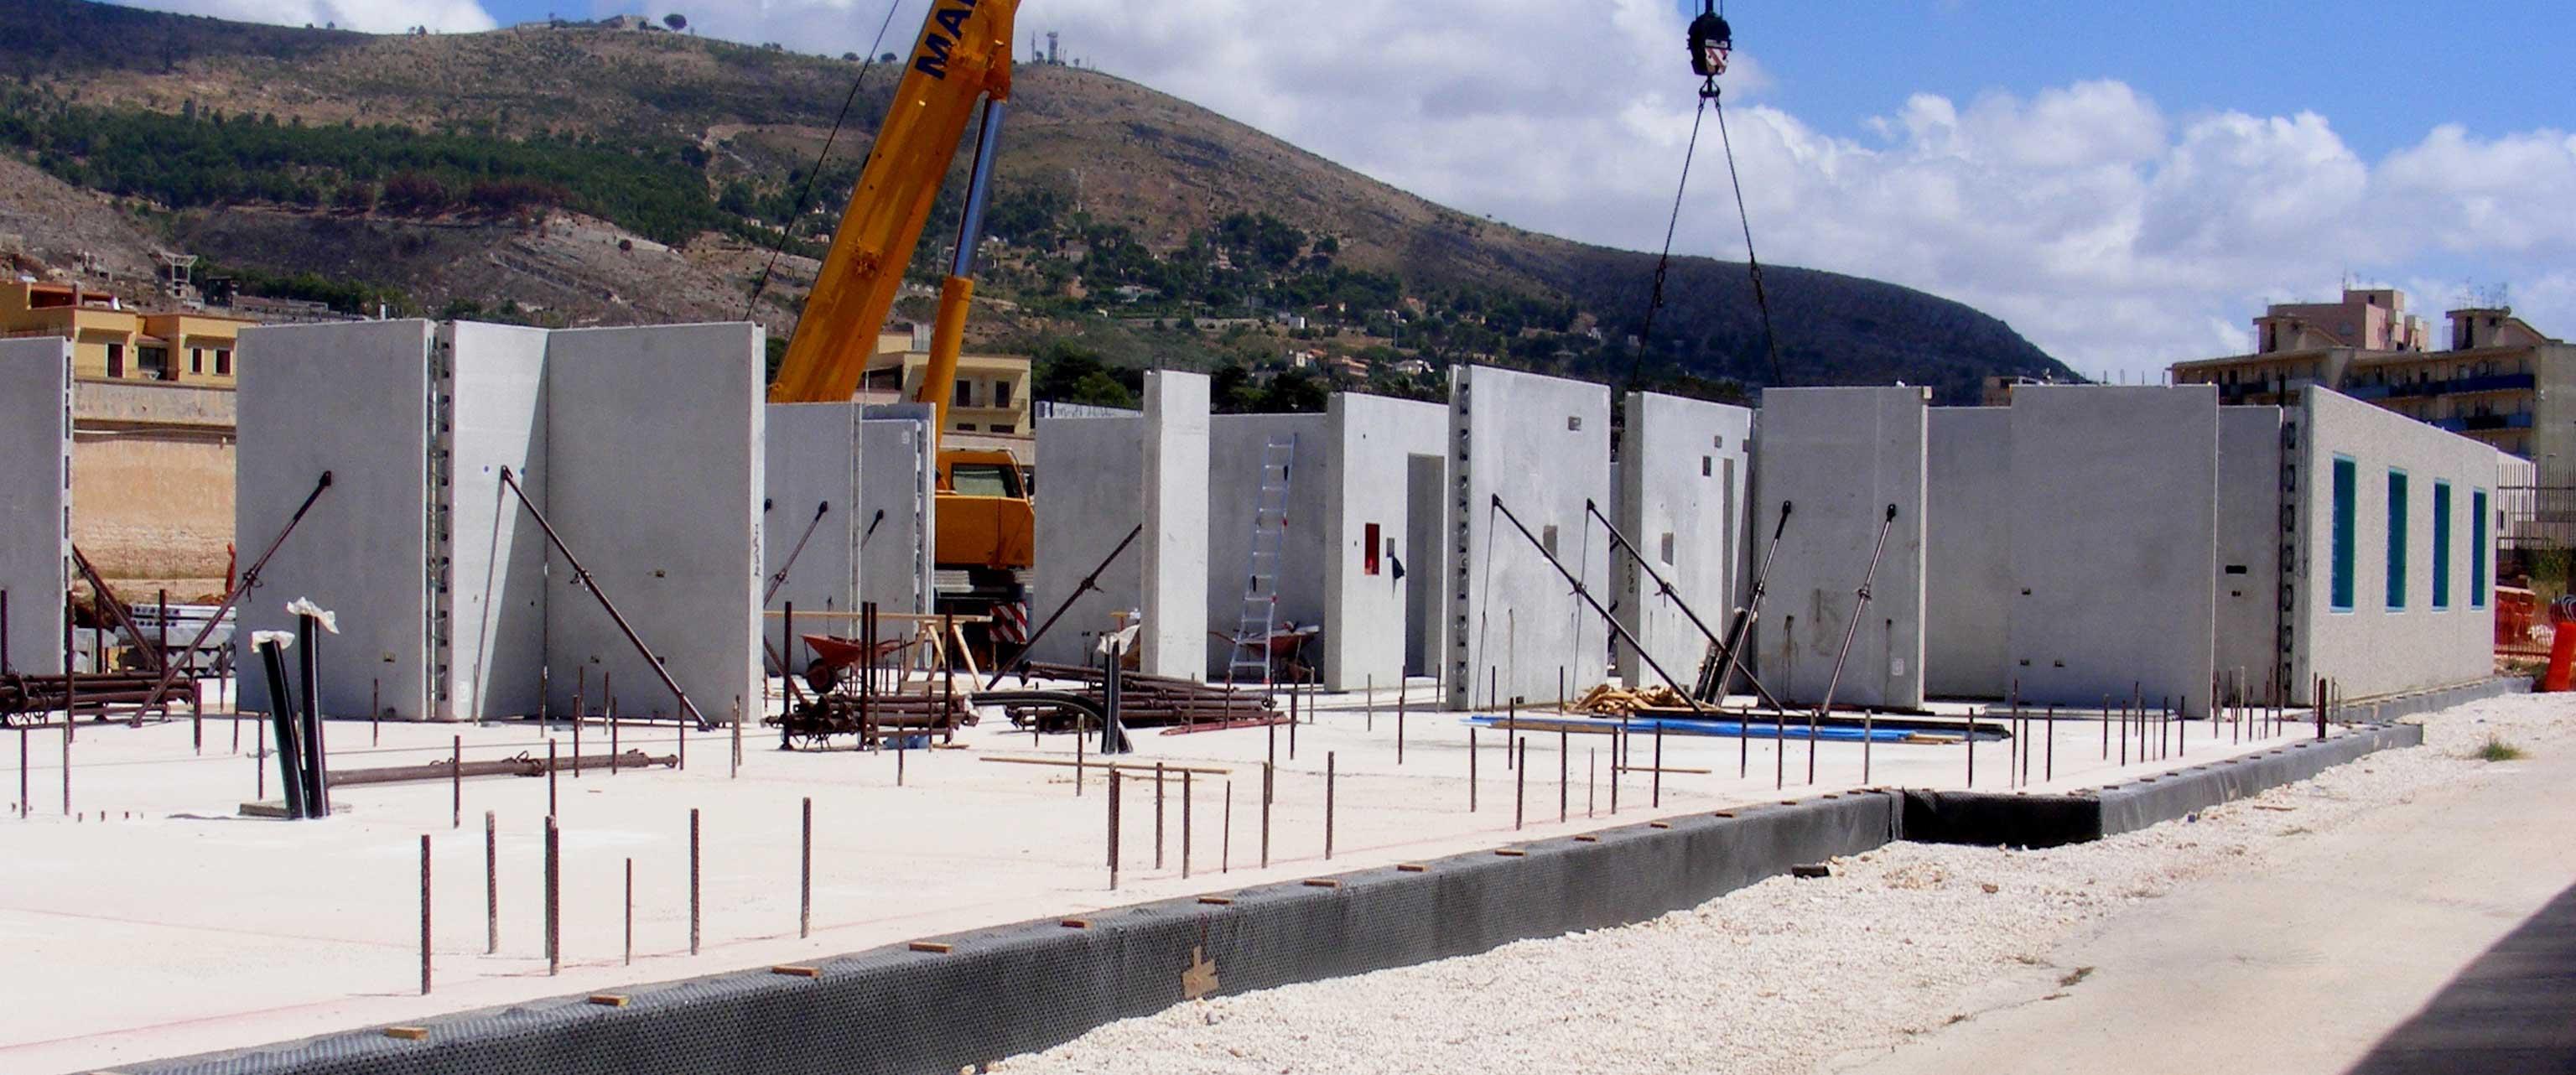 Istituti di pena carceri sterchelegroup for Progetti di costruzione commerciale gratuiti